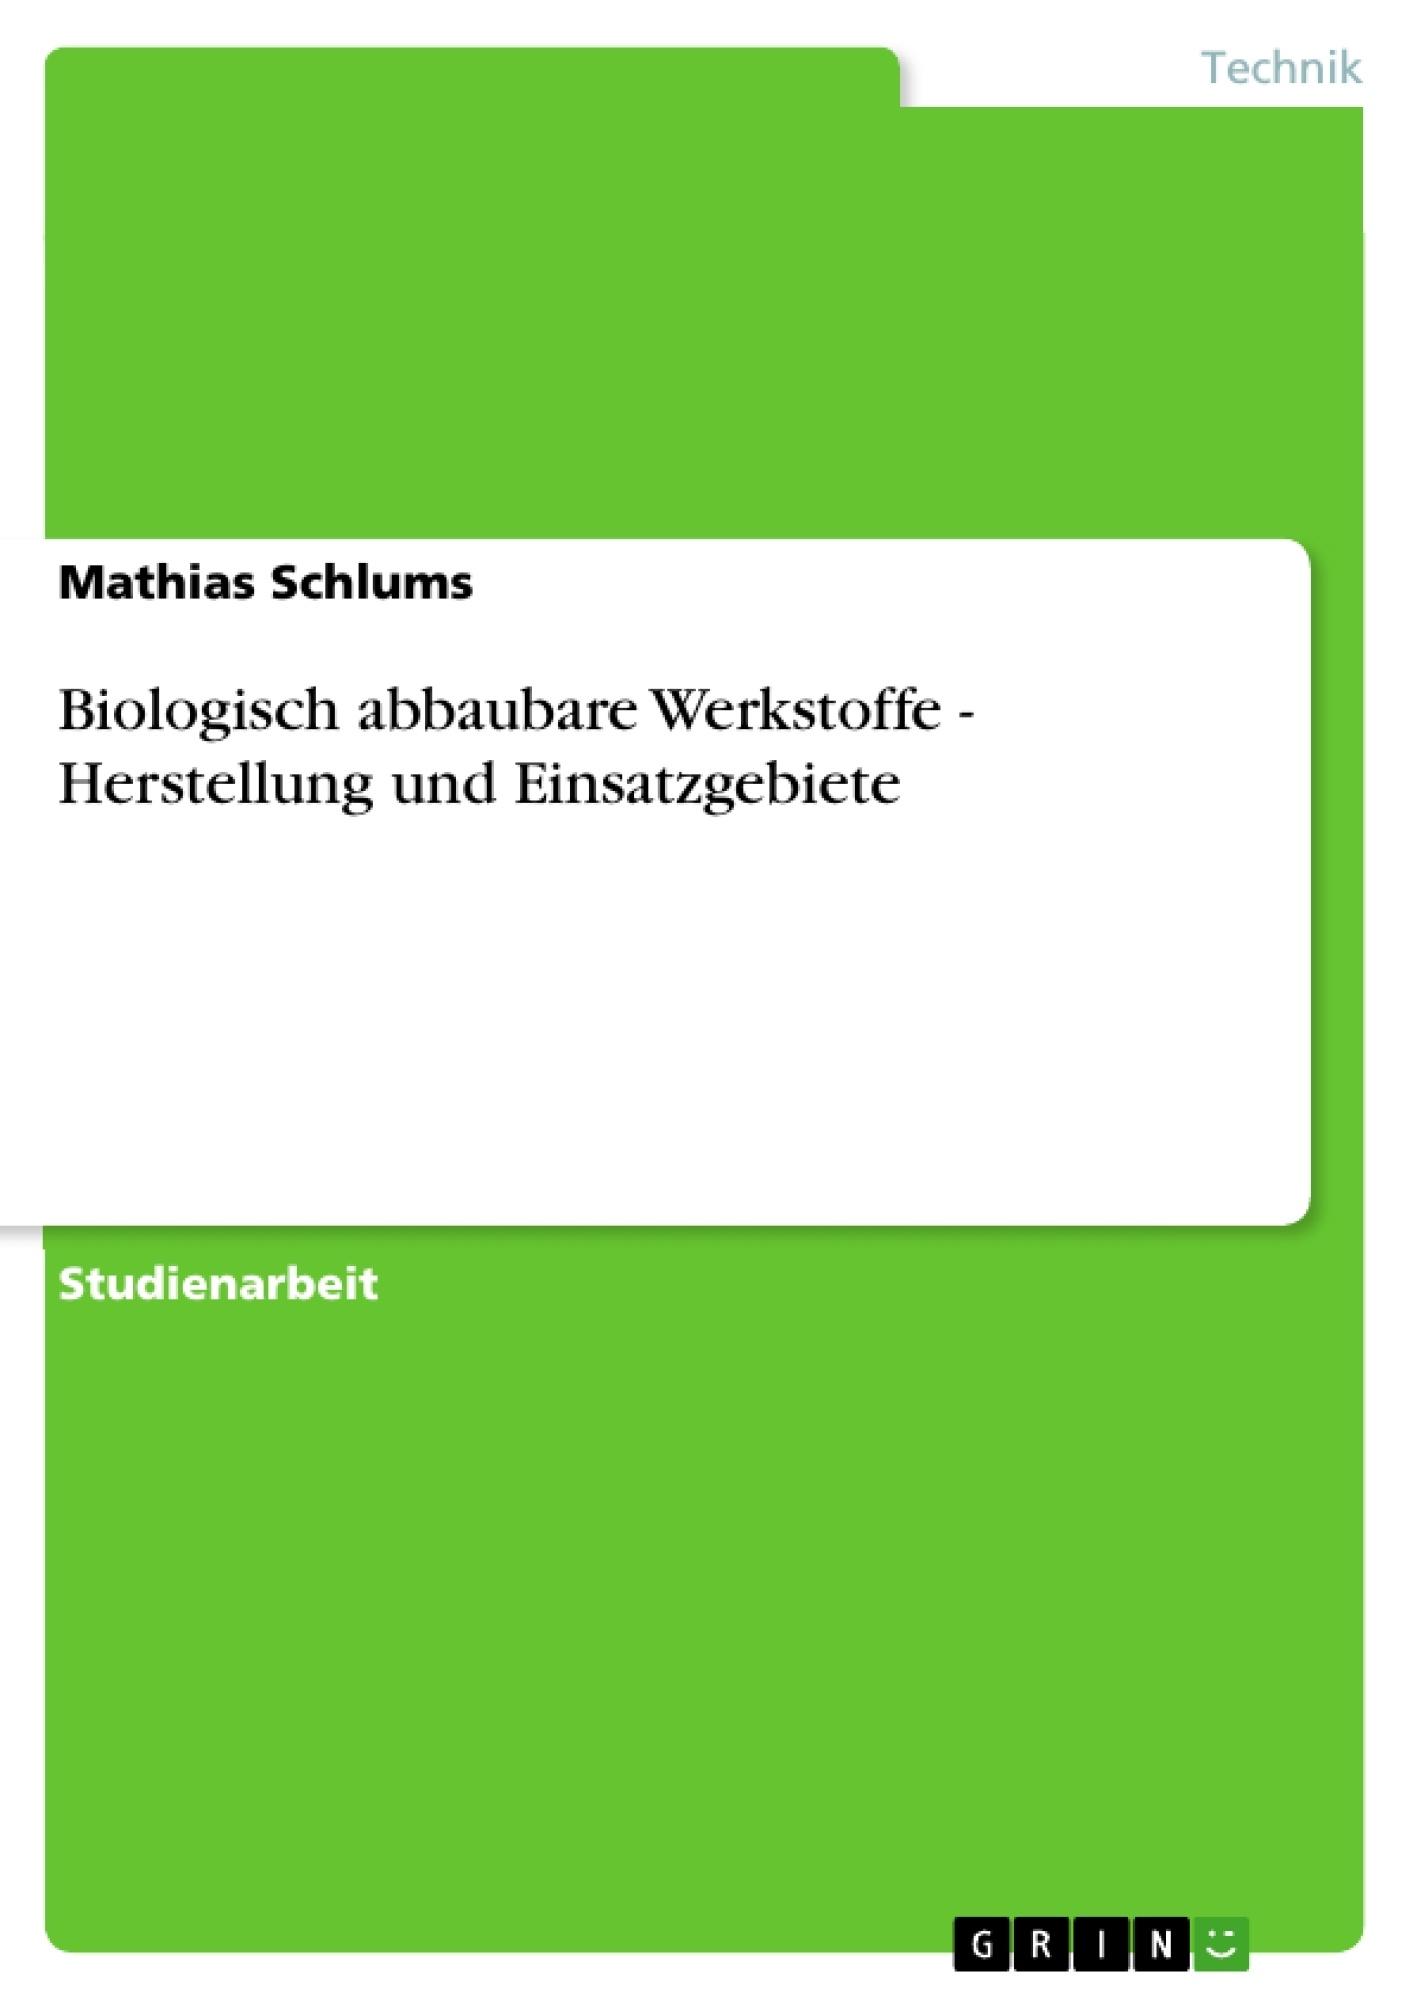 Titel: Biologisch abbaubare Werkstoffe - Herstellung und Einsatzgebiete